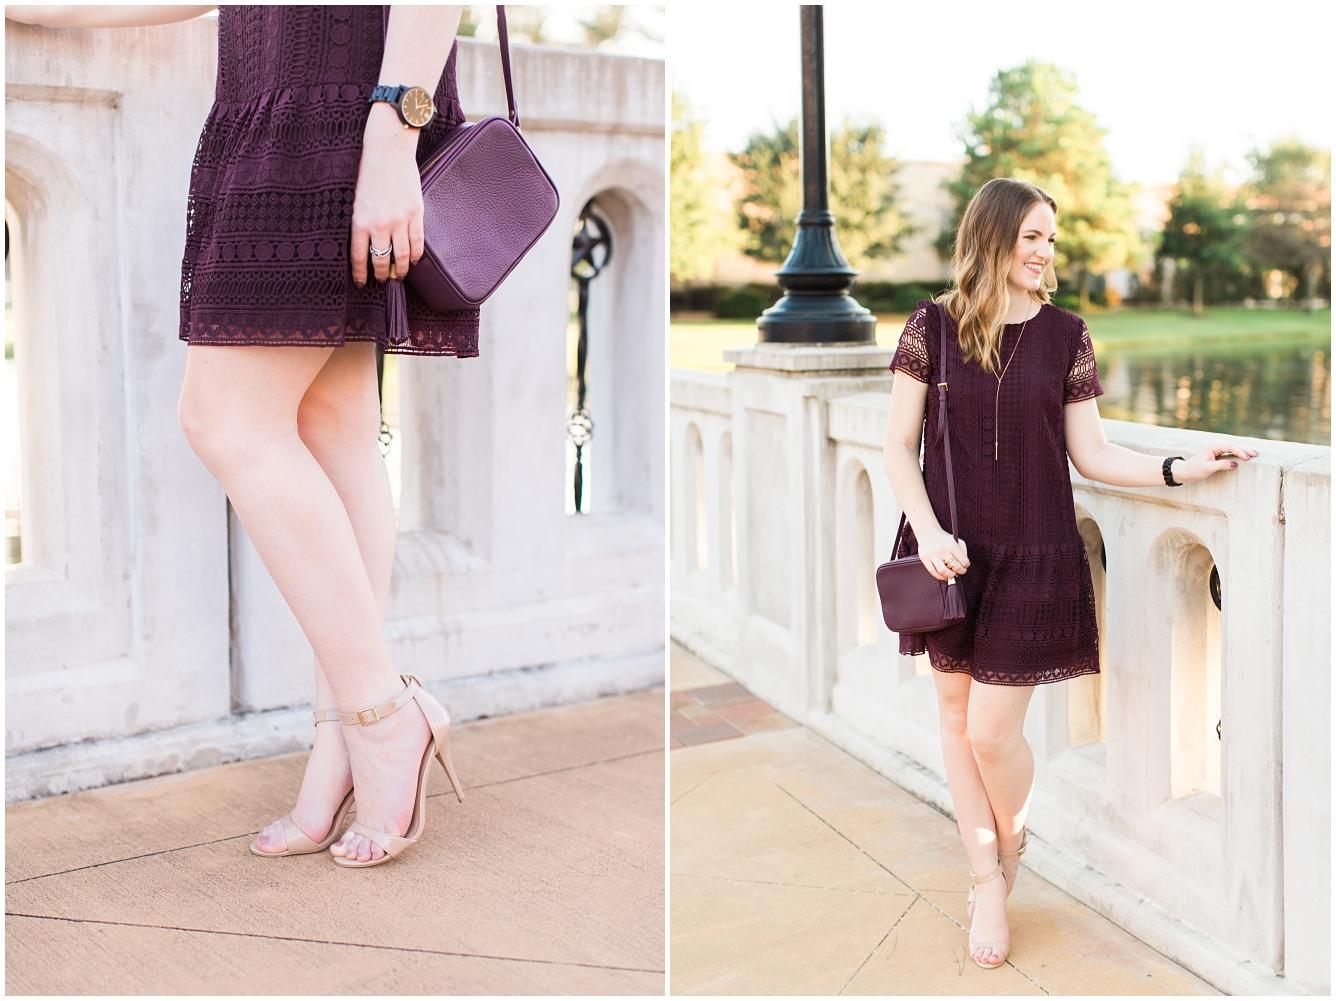 houston-tx-fashion-blogger-photographer-16